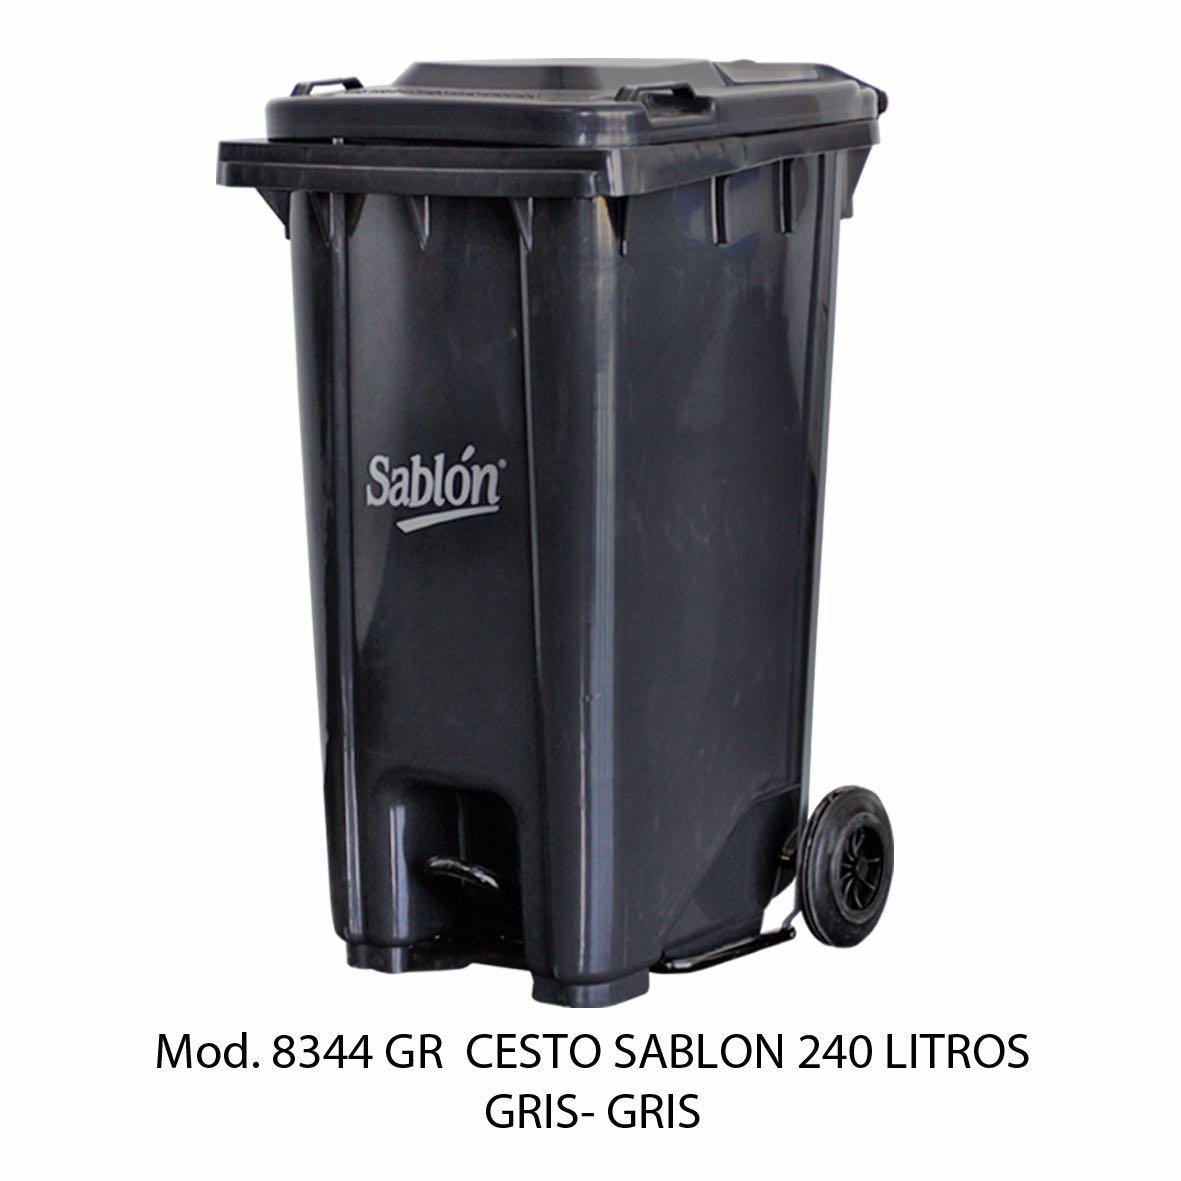 Contenedor de gran capacidad con cuerpo gris y tapa gris - Modelo 8344 GR - Sablón